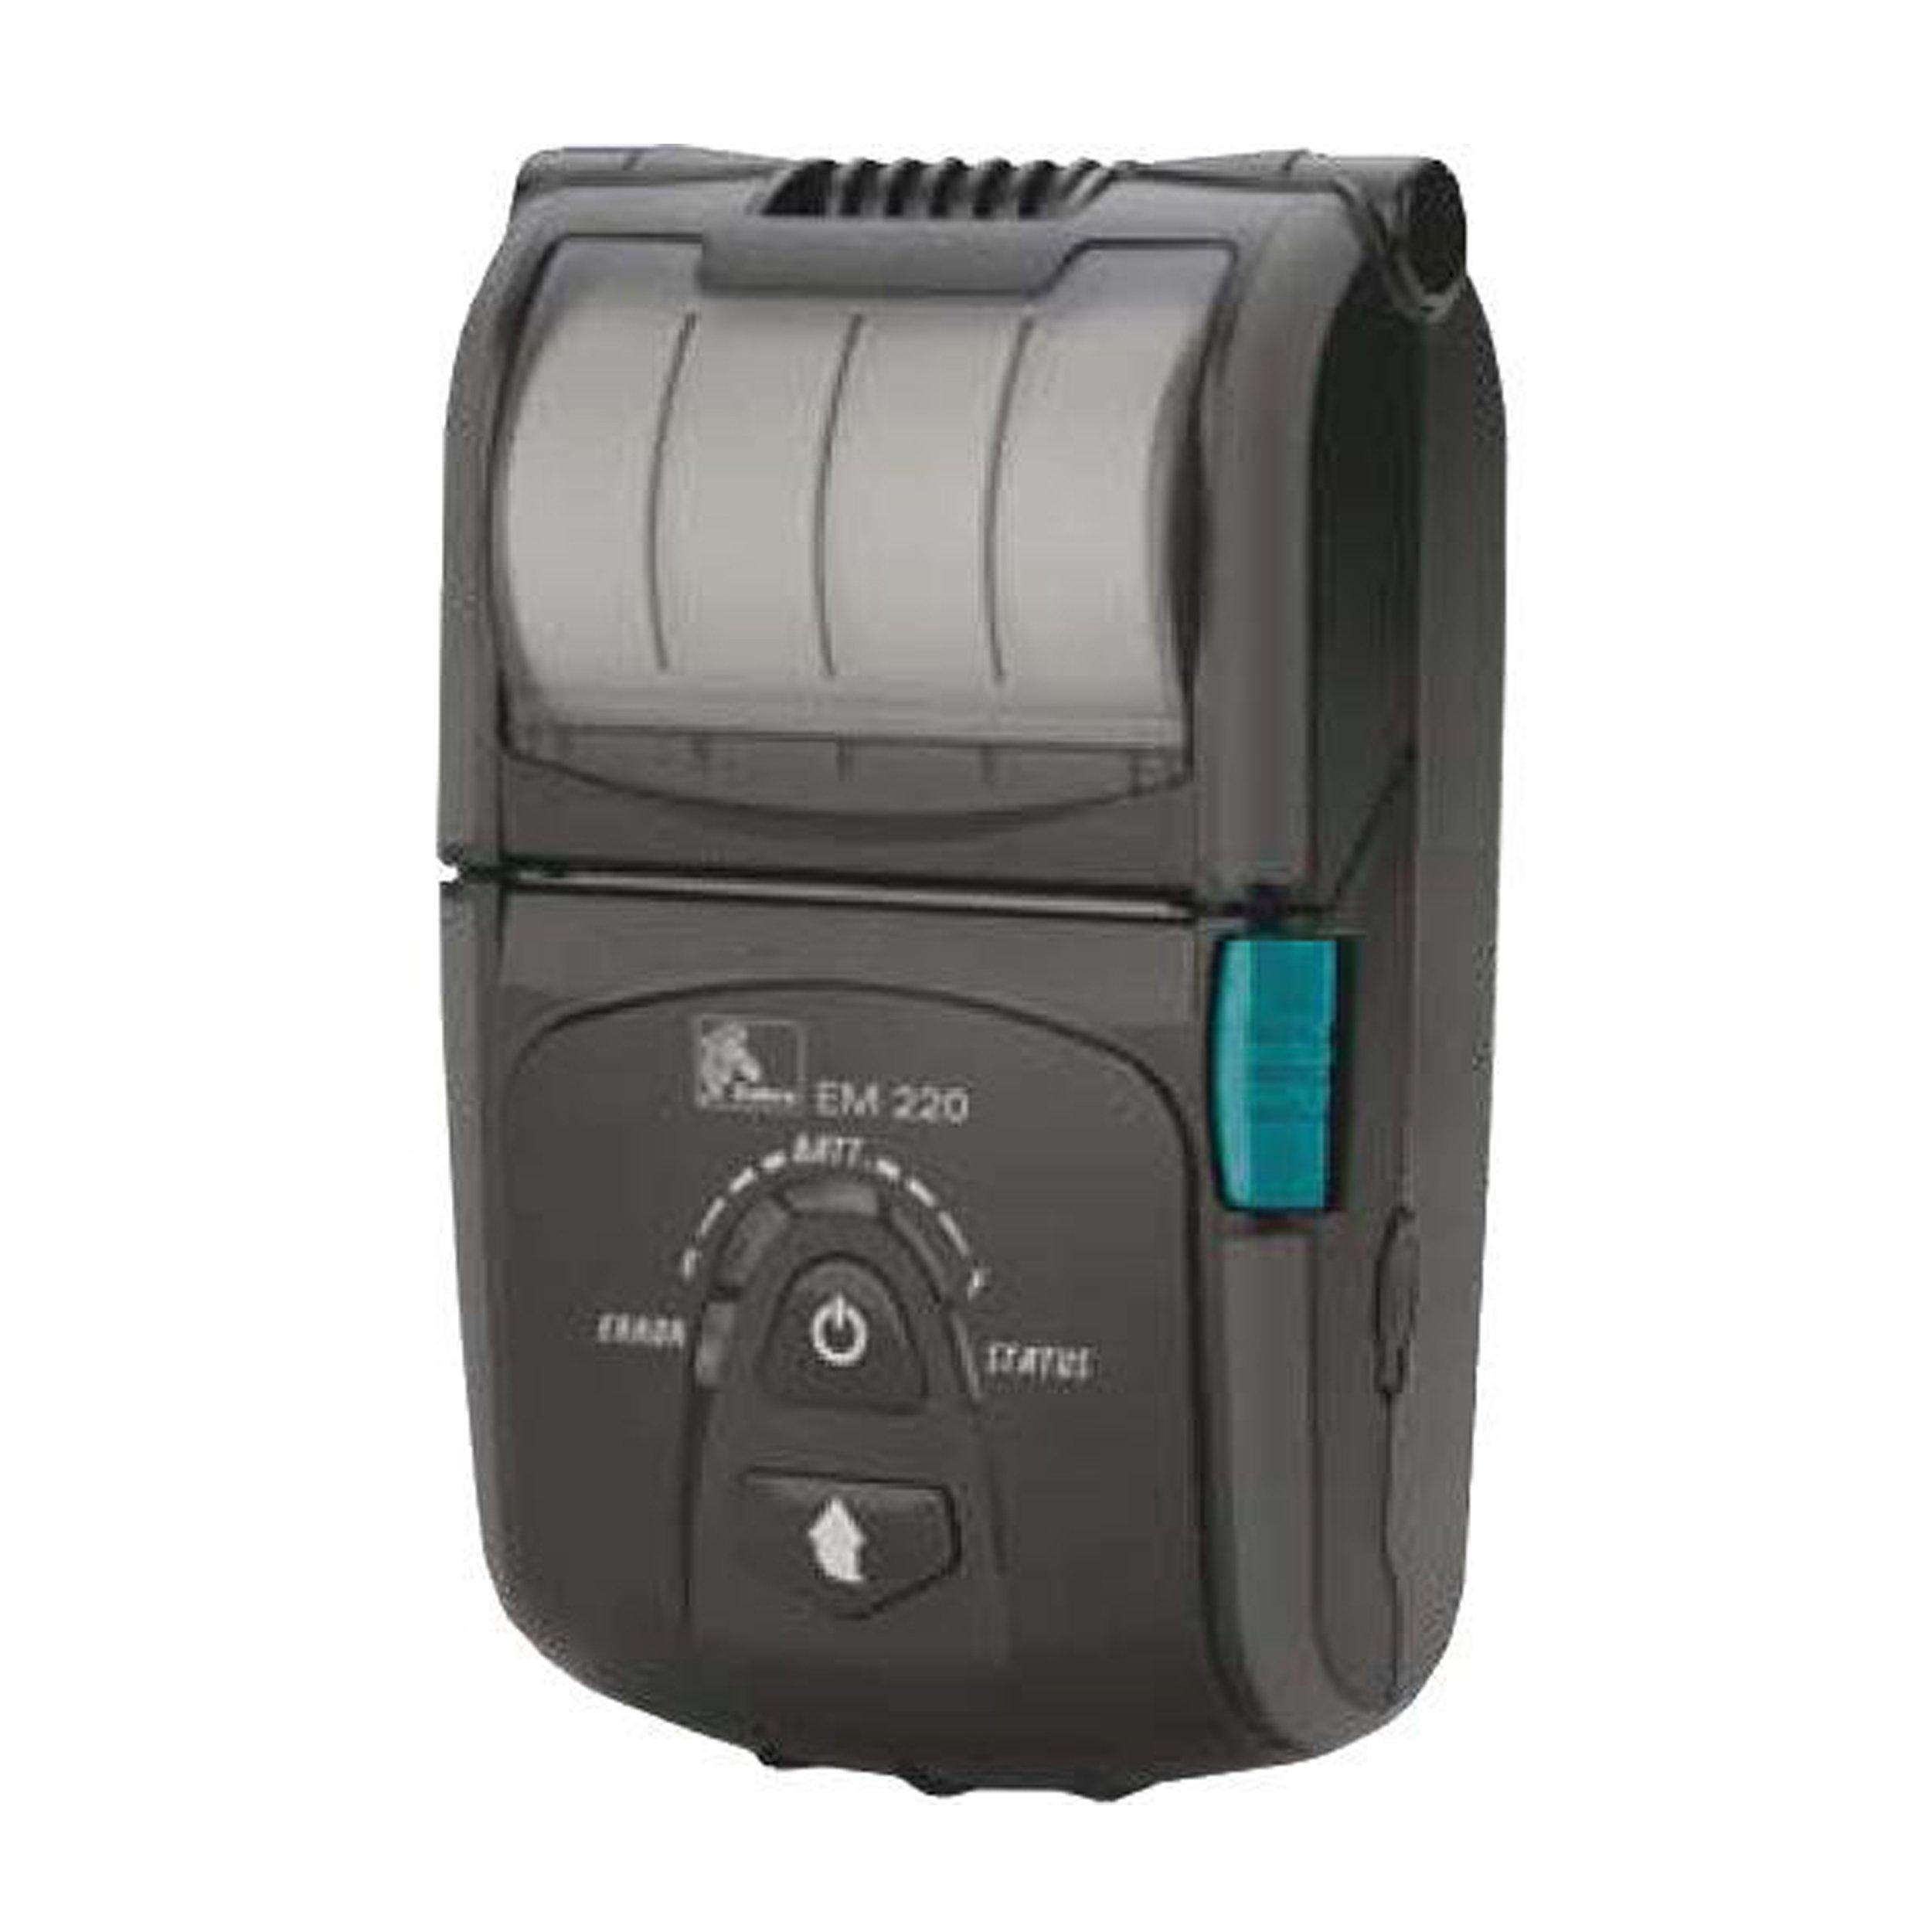 Zebra Technologies - EM220 - Ultra Small EM220 High Quality Mobile Receipt Printing with MCR. W2A-0U10E060-00